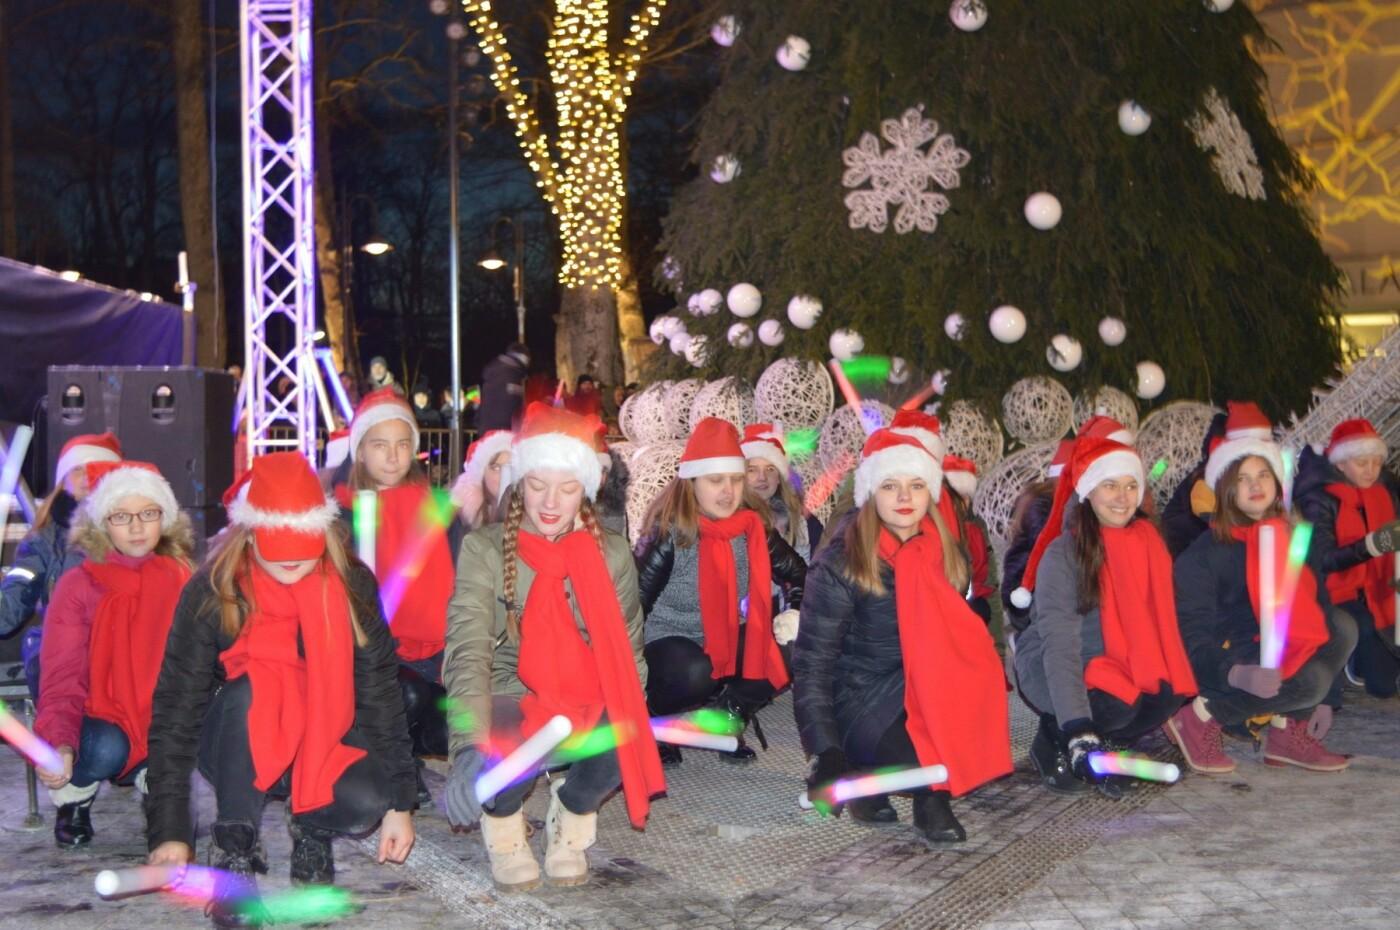 Palanga įžiebė eglę ir suspindo tūkstančiais kalėdinių šviesų, nuotrauka-51